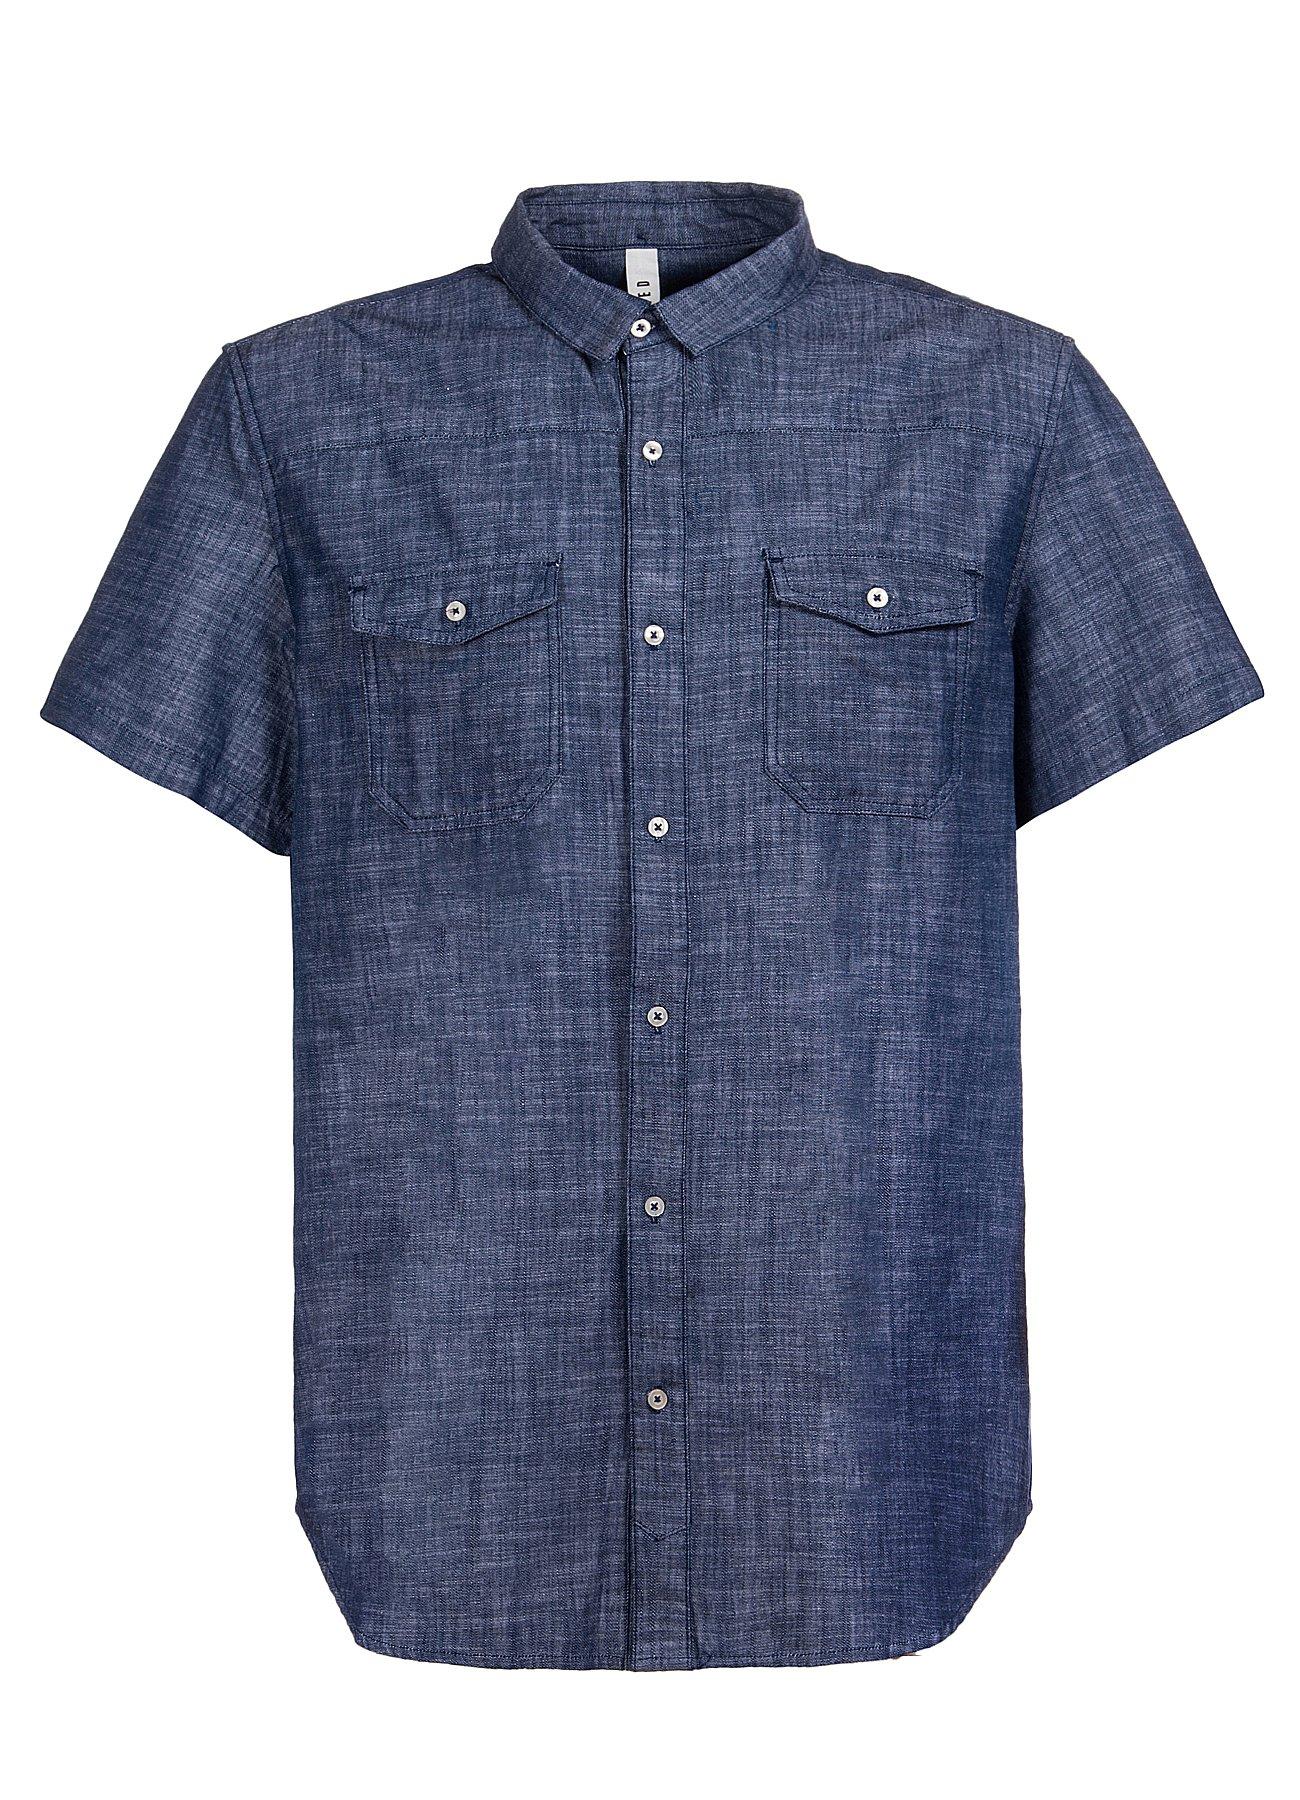 DISTILLED Men's Vintage Short Sleeve Button Down Denim Western Shirt